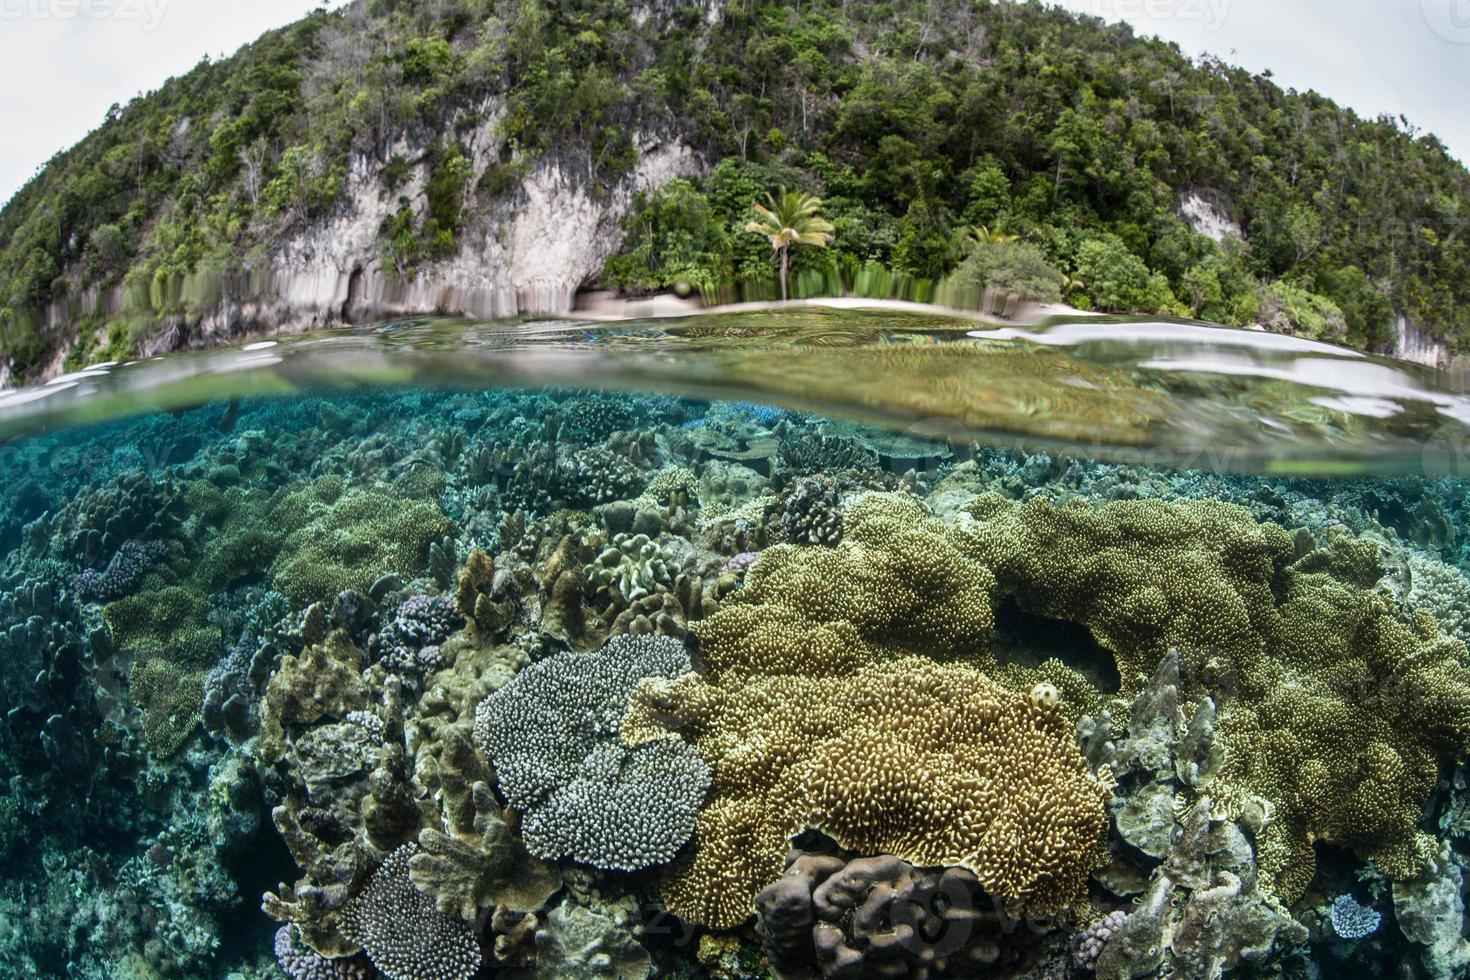 arrecife de coral cerca de la isla de piedra caliza foto